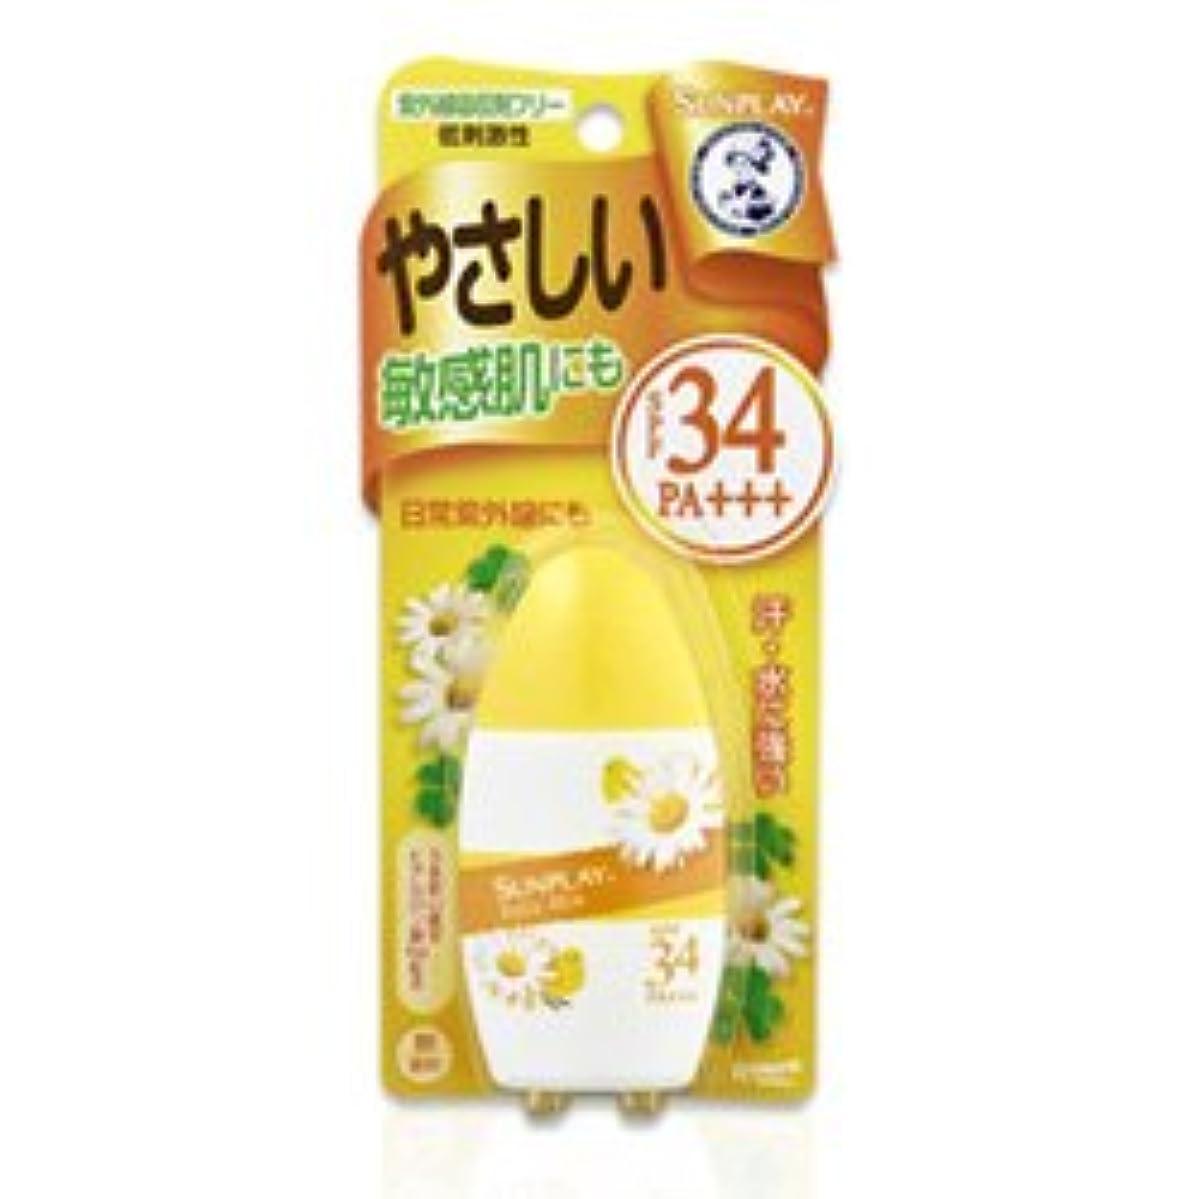 ほめる大事にする書き込み【ロート製薬】メンソレータム サンプレイ ベビーミルク 30g ×10個セット